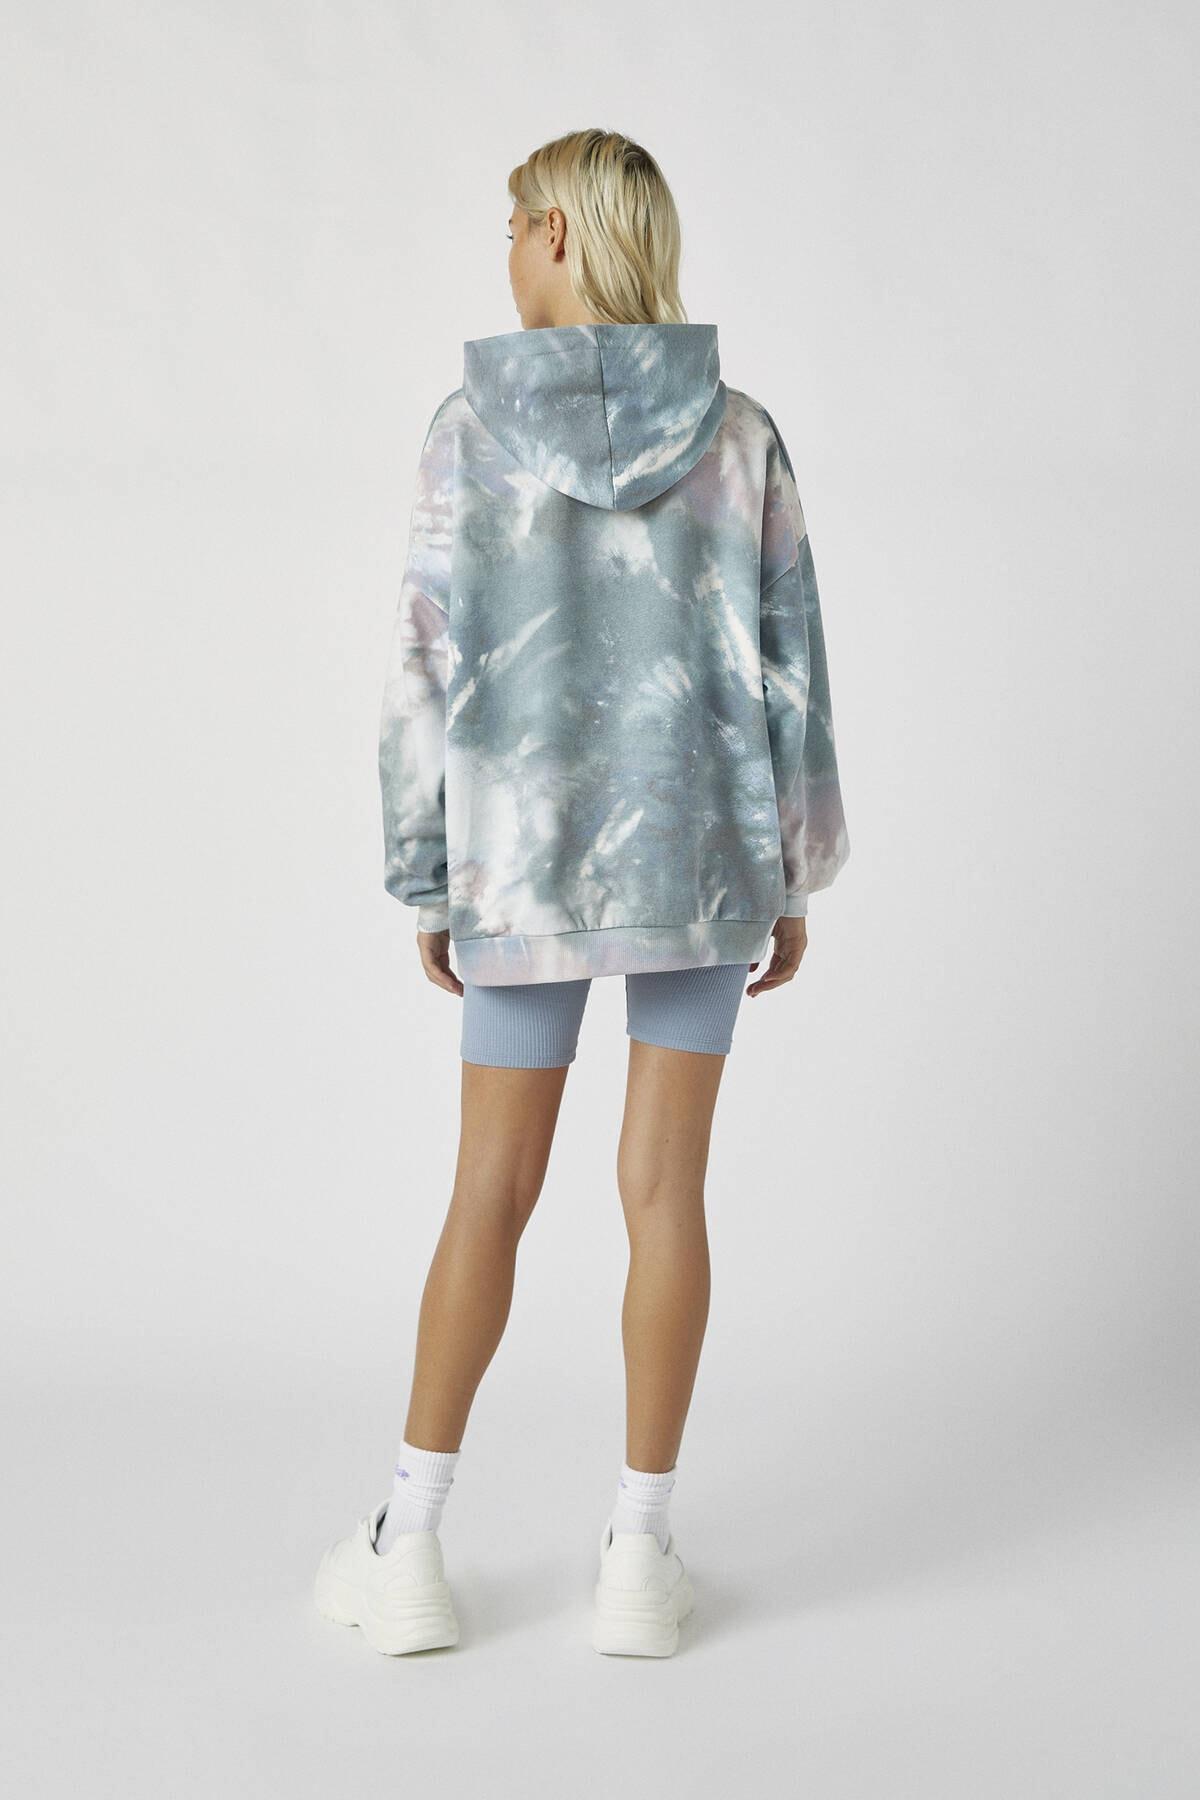 Pull & Bear Kadın Renkli İşlemeli Etiketli Batik Kapüşonlu Sweatshirt 09594320 2